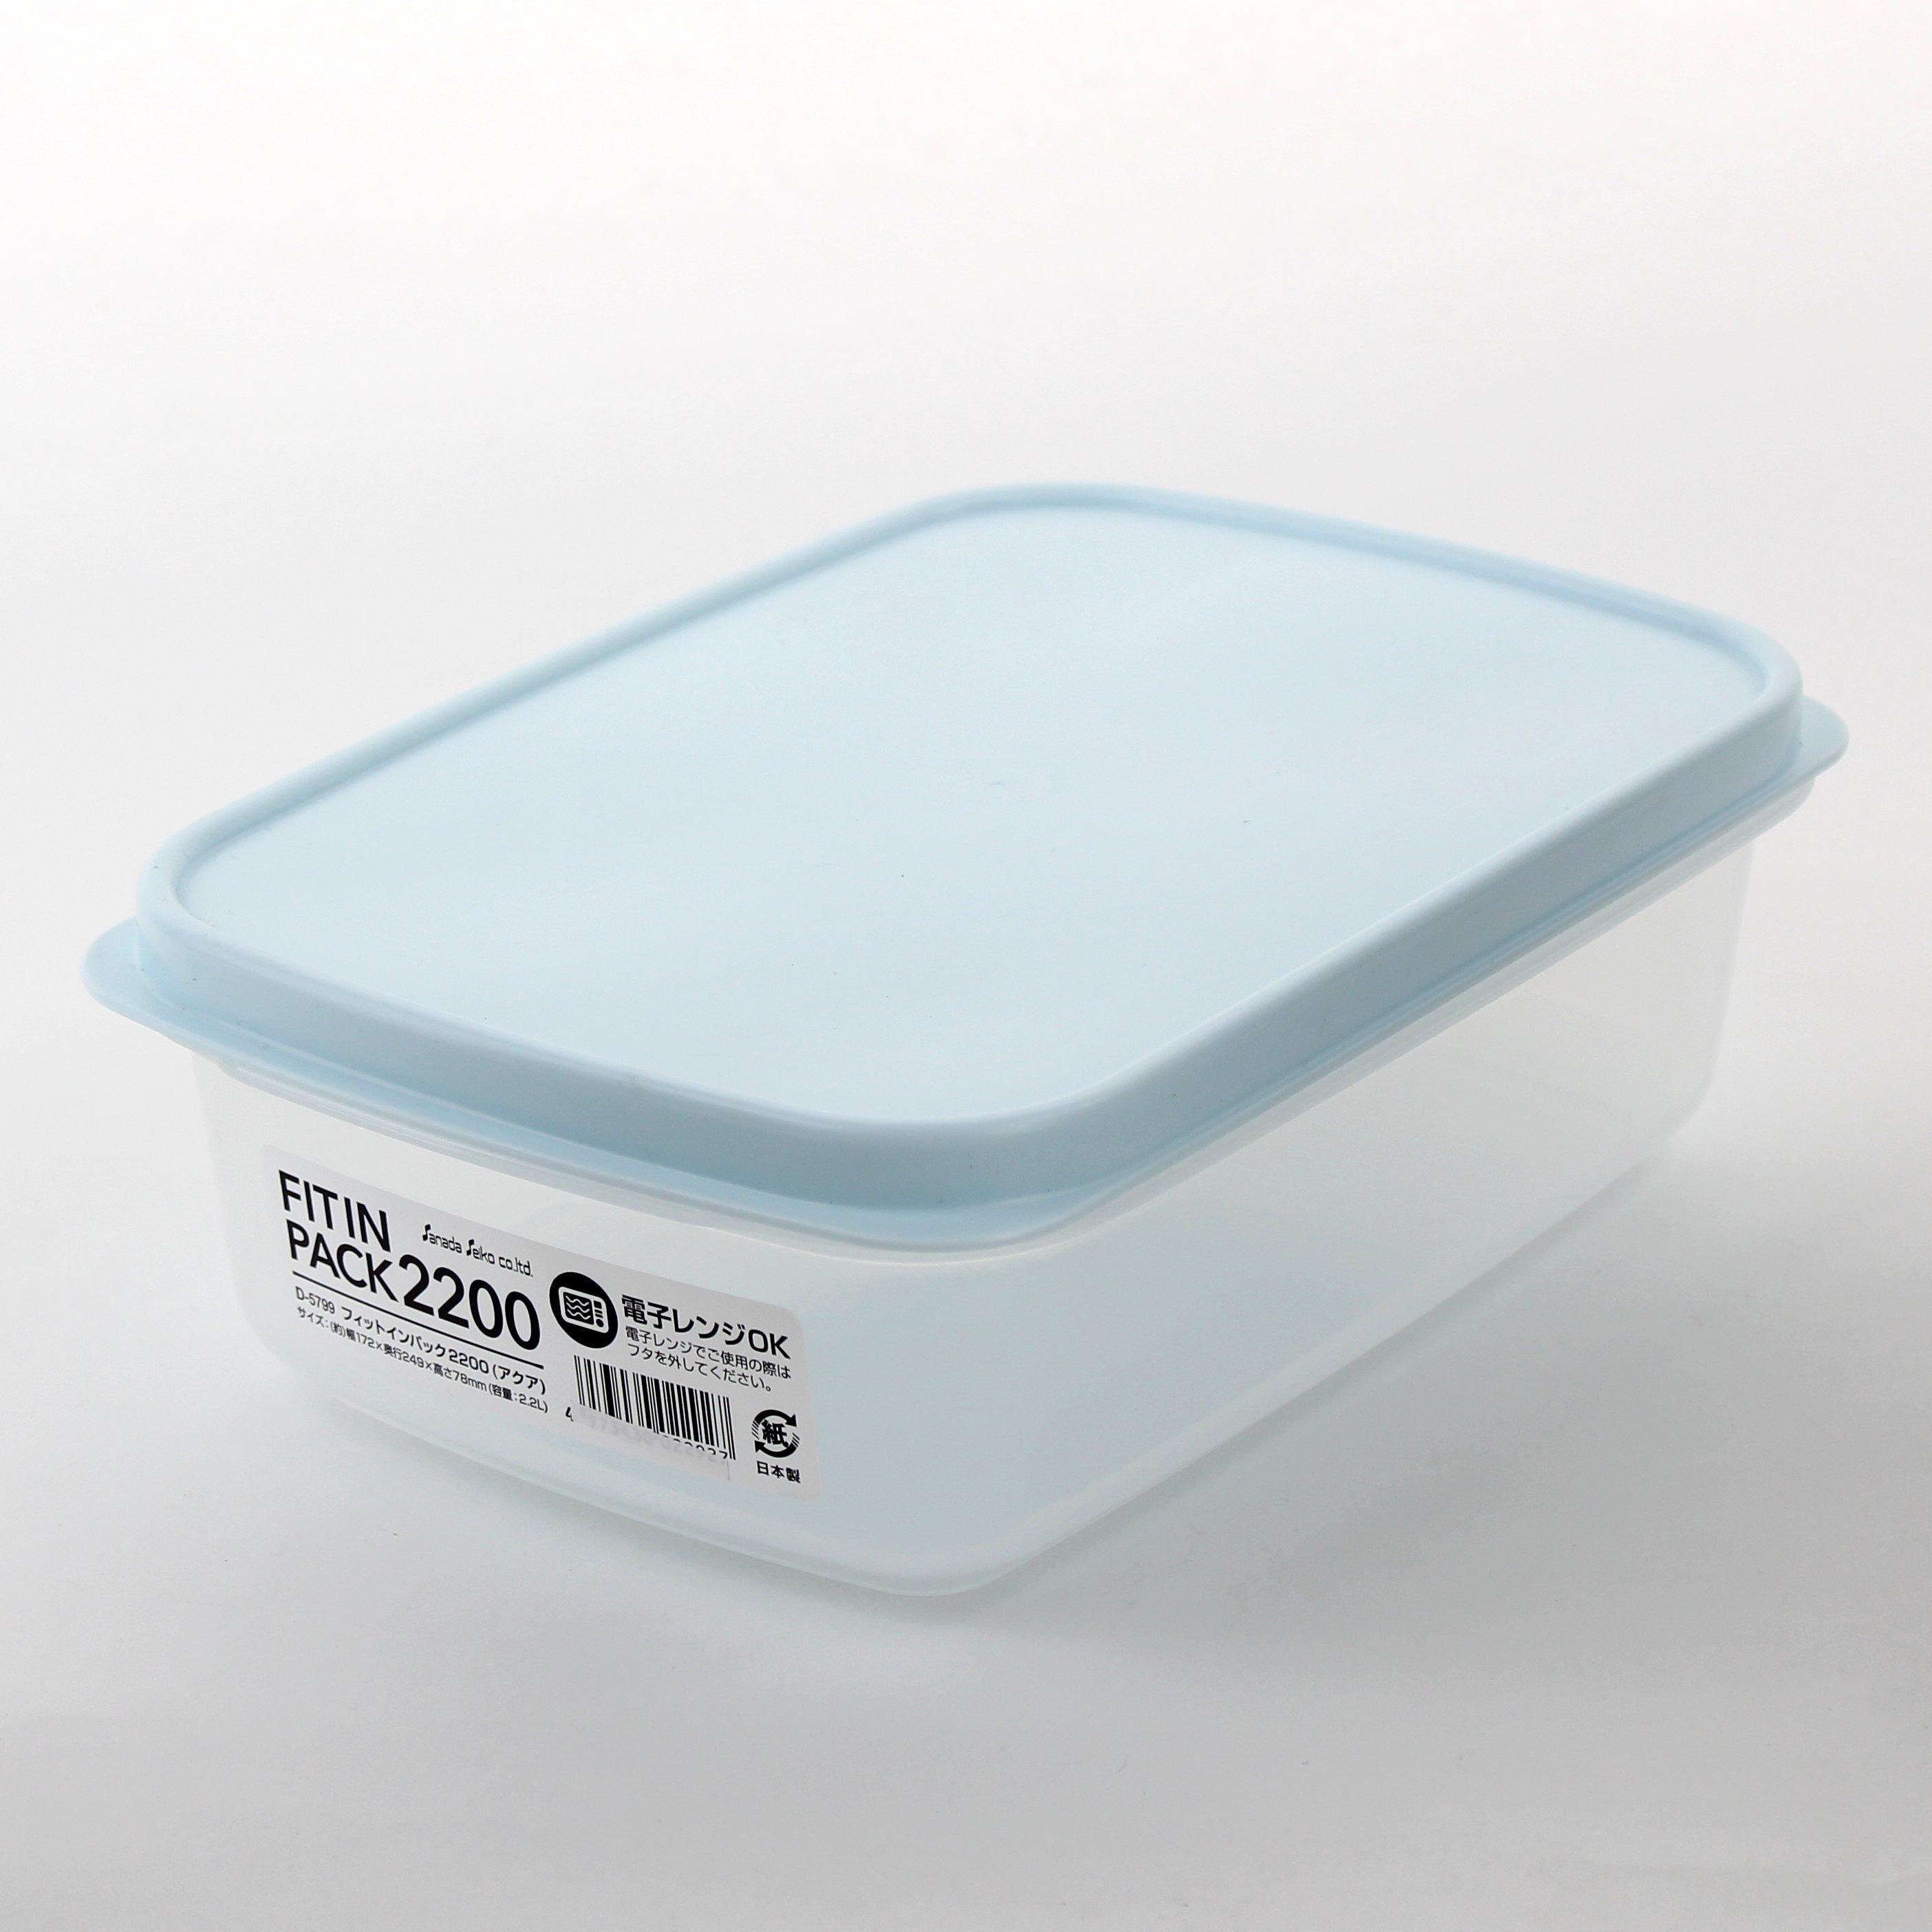 Hộp nhựa nắp dẻo 2200ml ( màu xanh mint) - Hàng Nhật nội địa